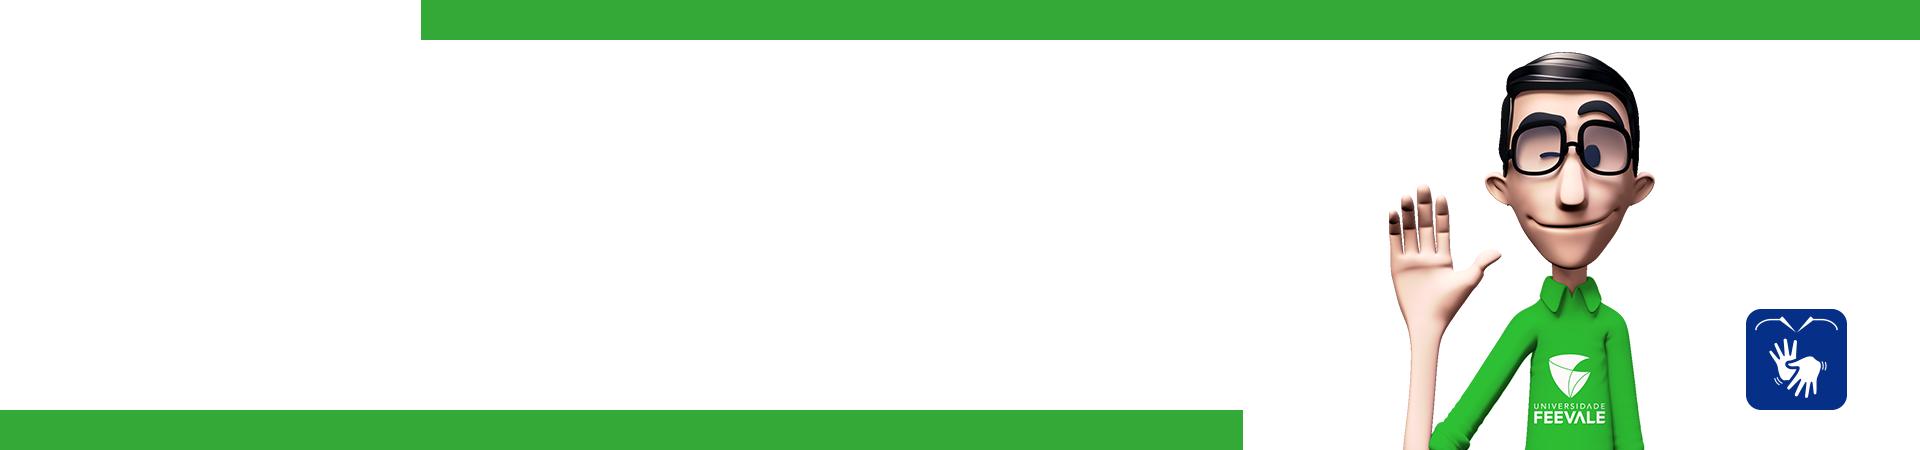 Banner de topo - Acessibilidade